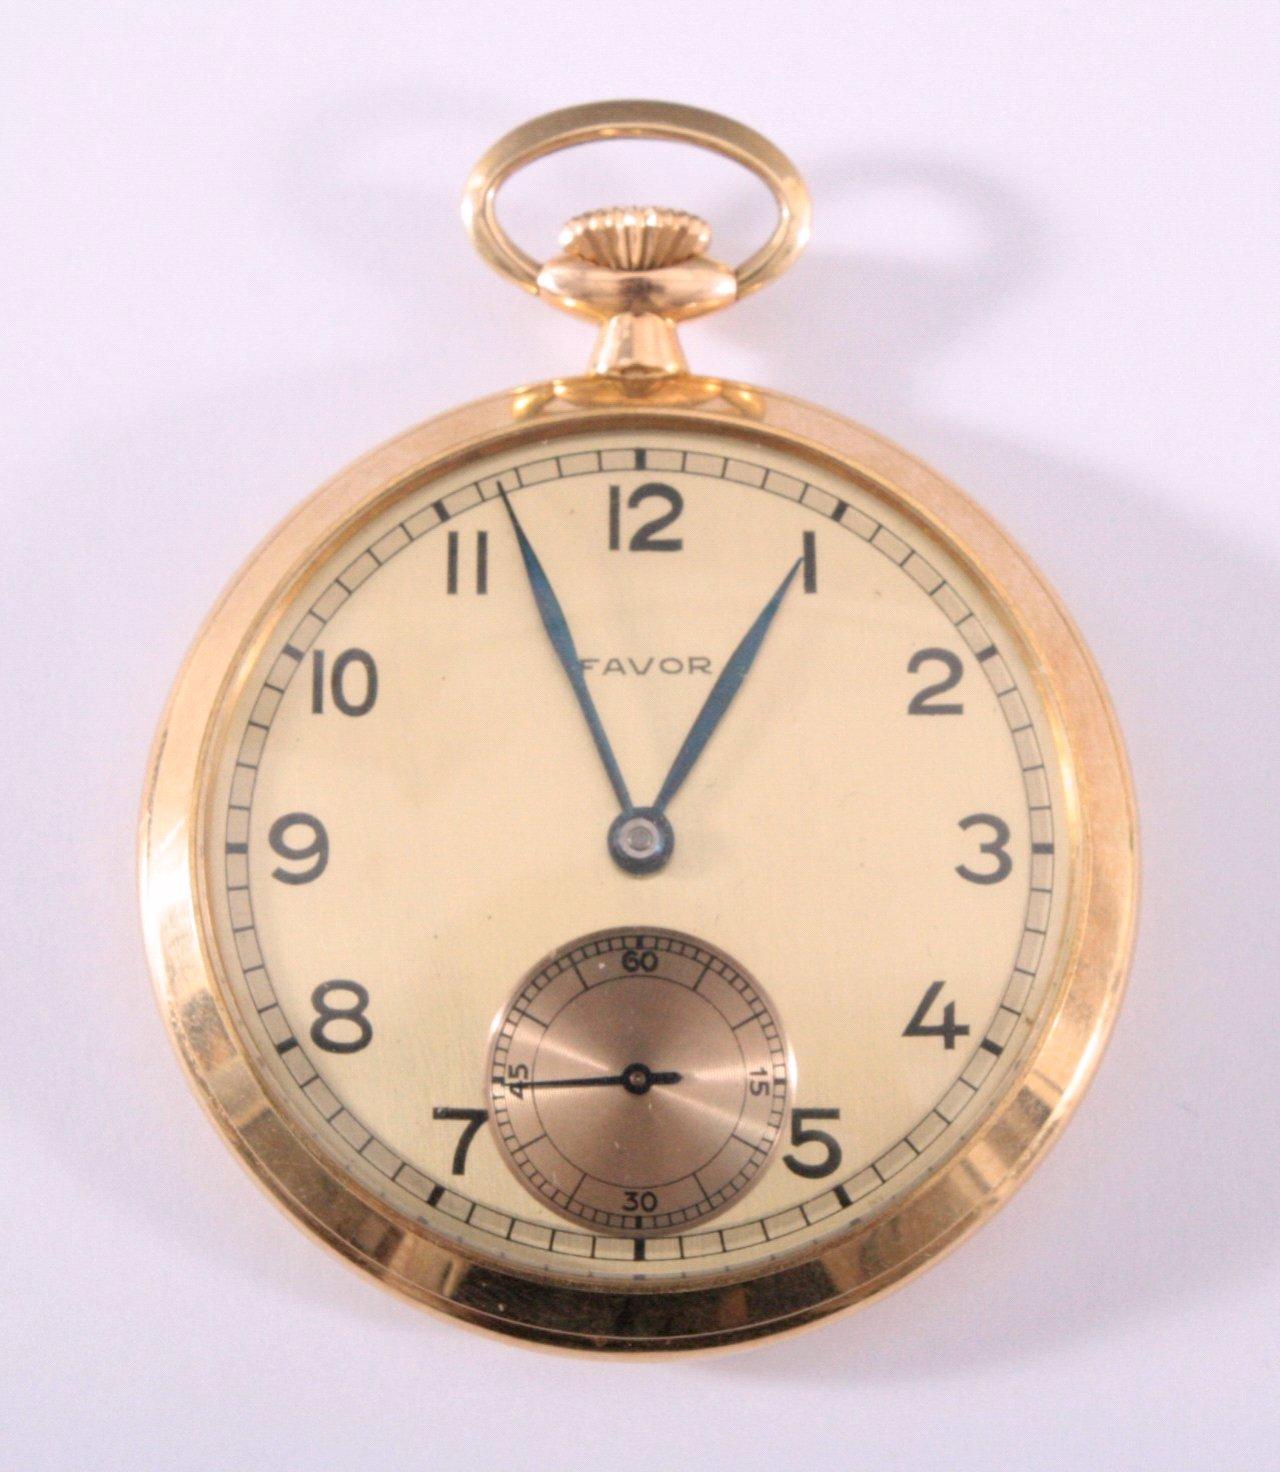 Herrentaschenuhr der Marke Favor